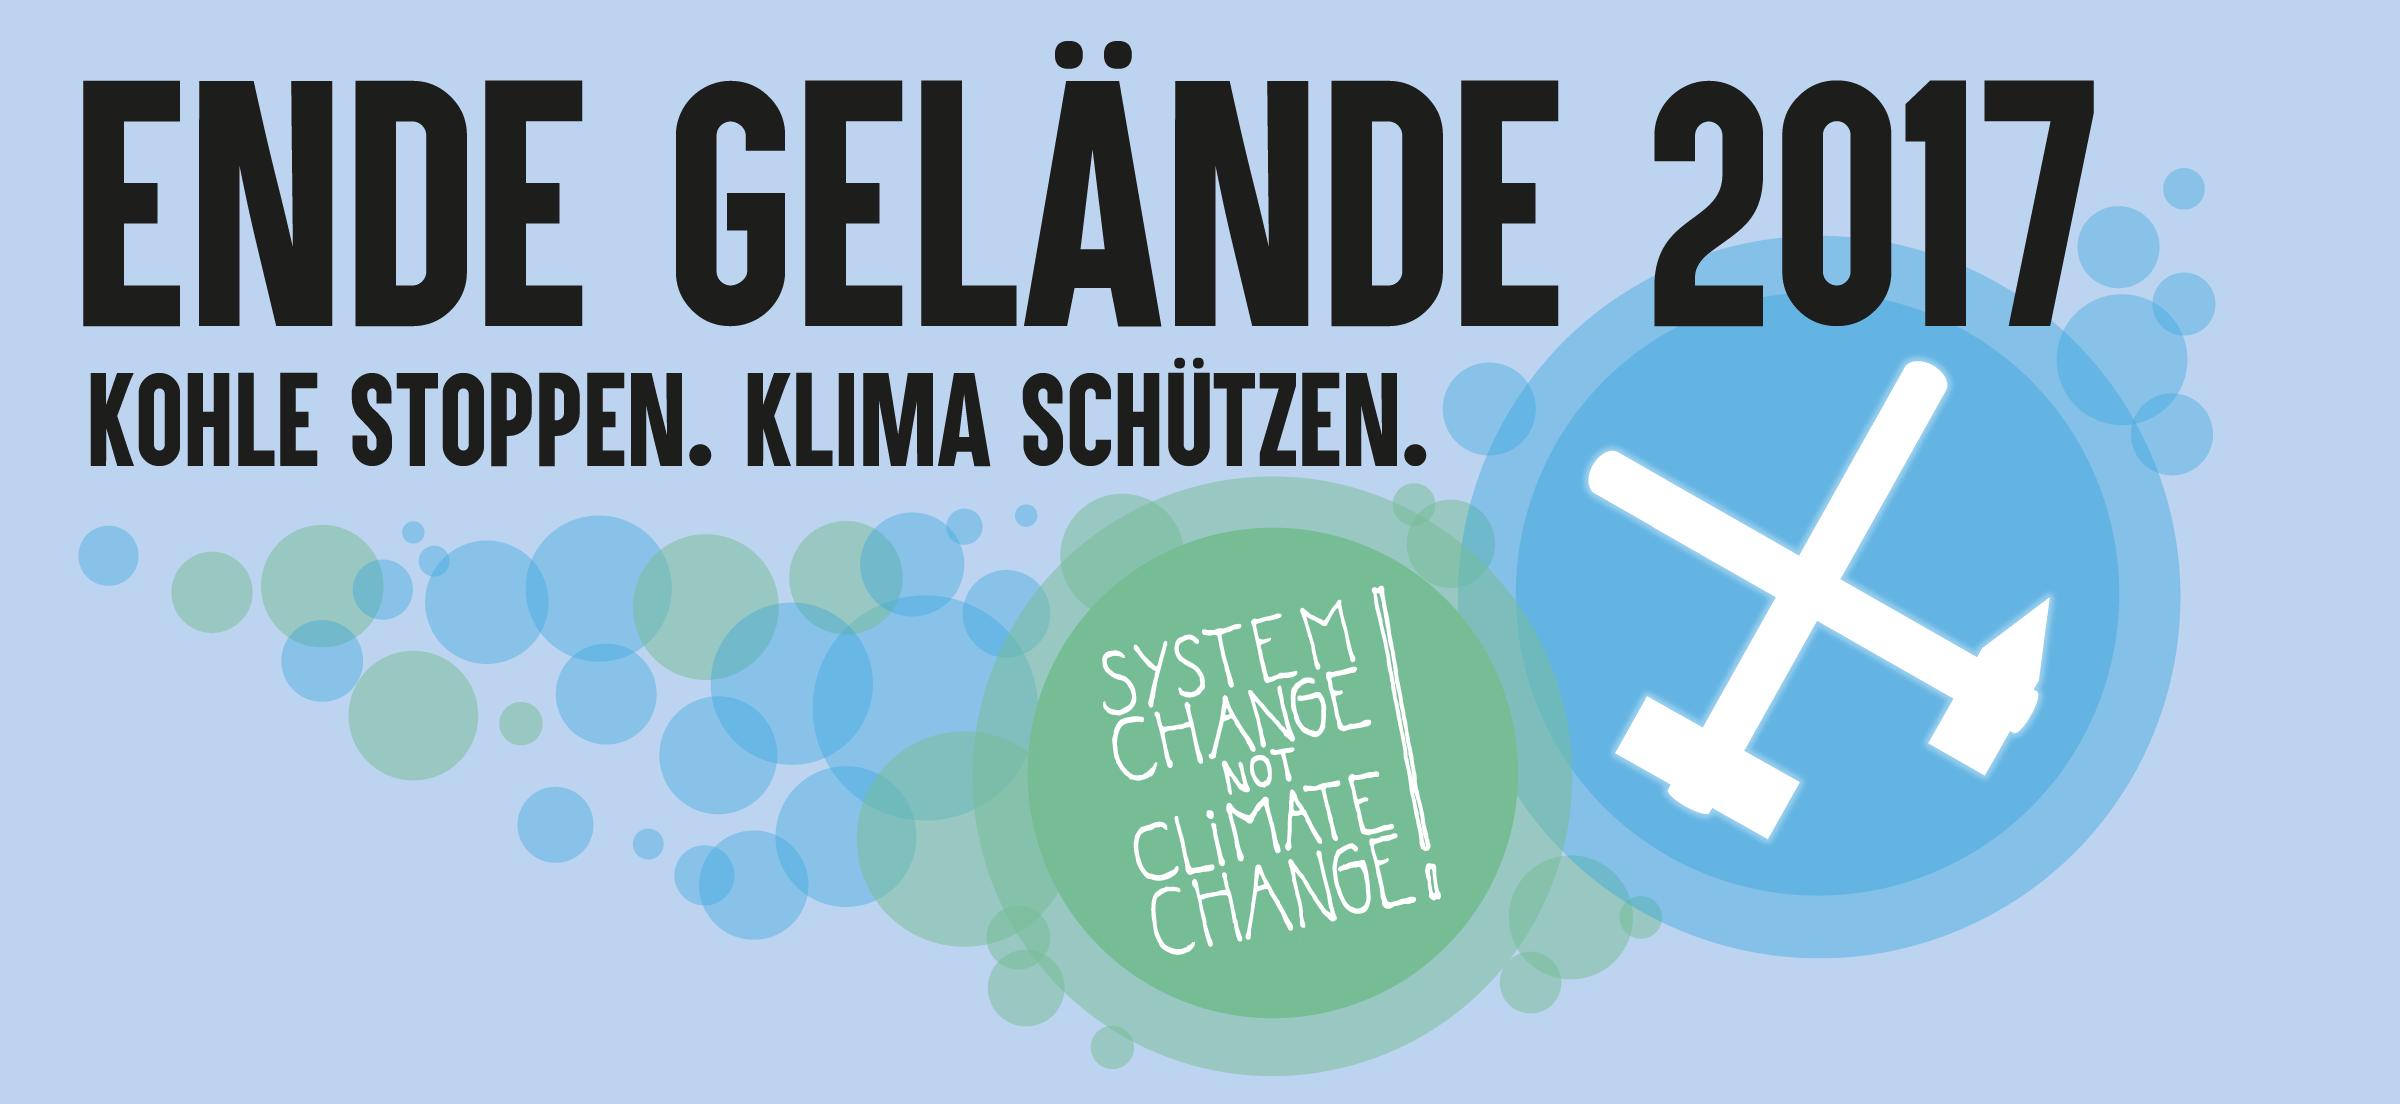 Ende Gelände bei den Klimaverhandlungen in Bonn